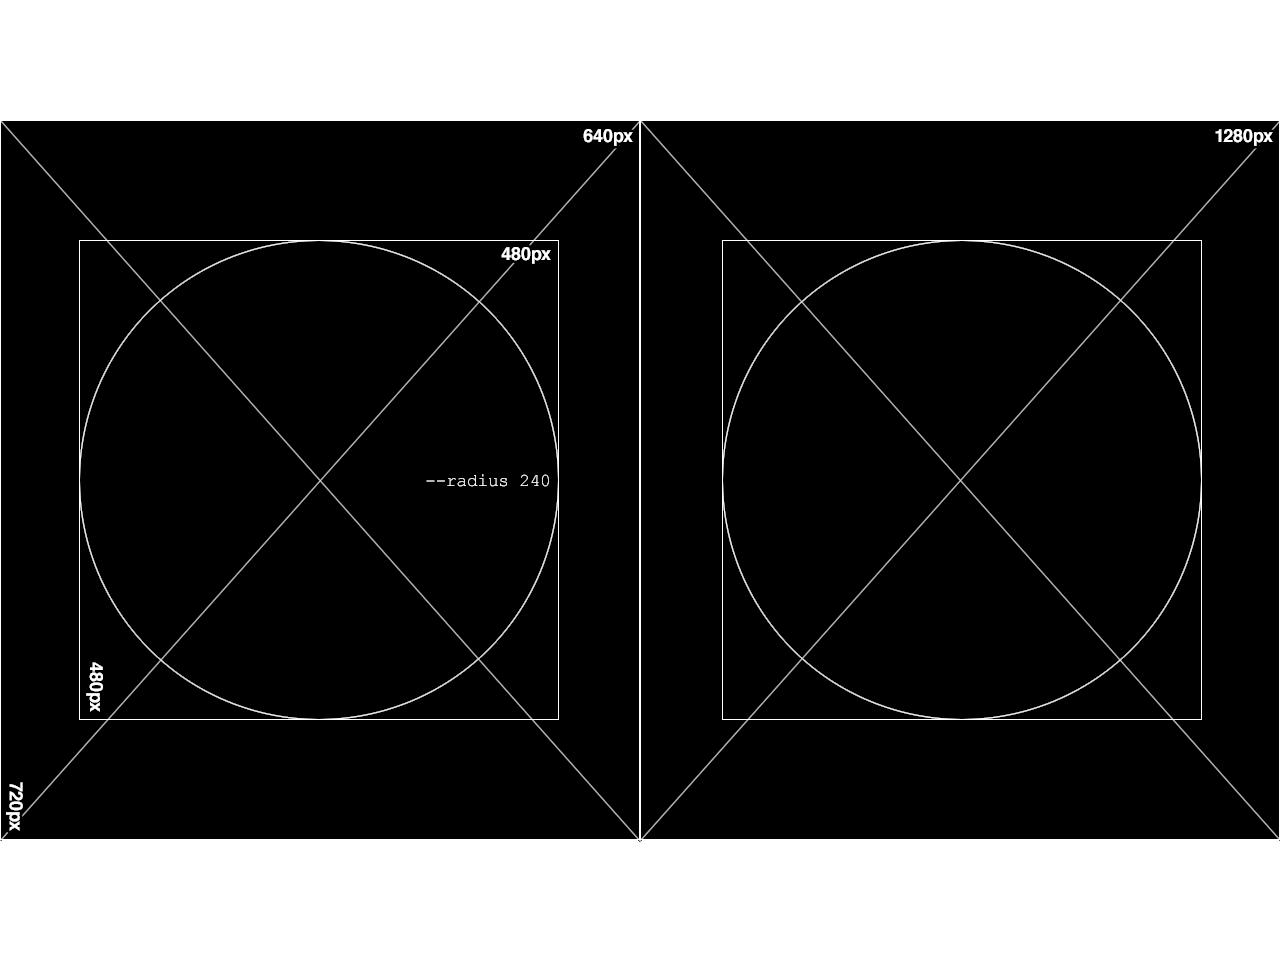 pi_a___b___2__3_eye-diagram-1280x720.png